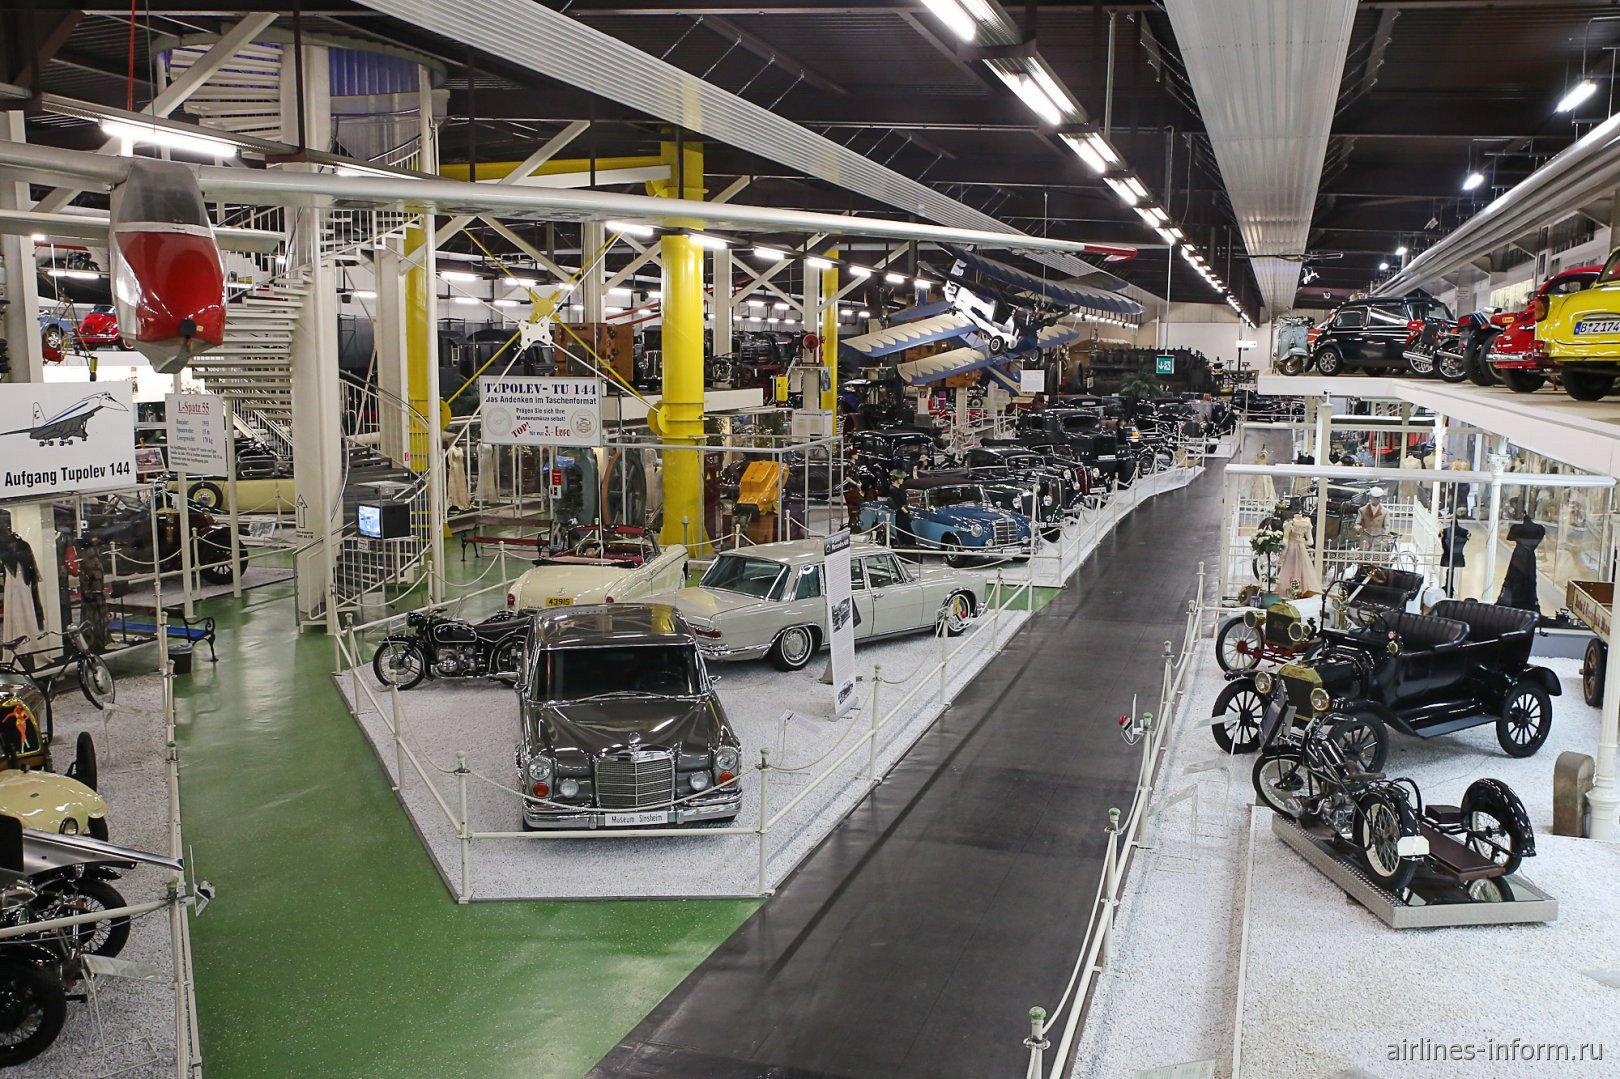 Автомобили в павильоне 2 музея техники в Зинсхайме